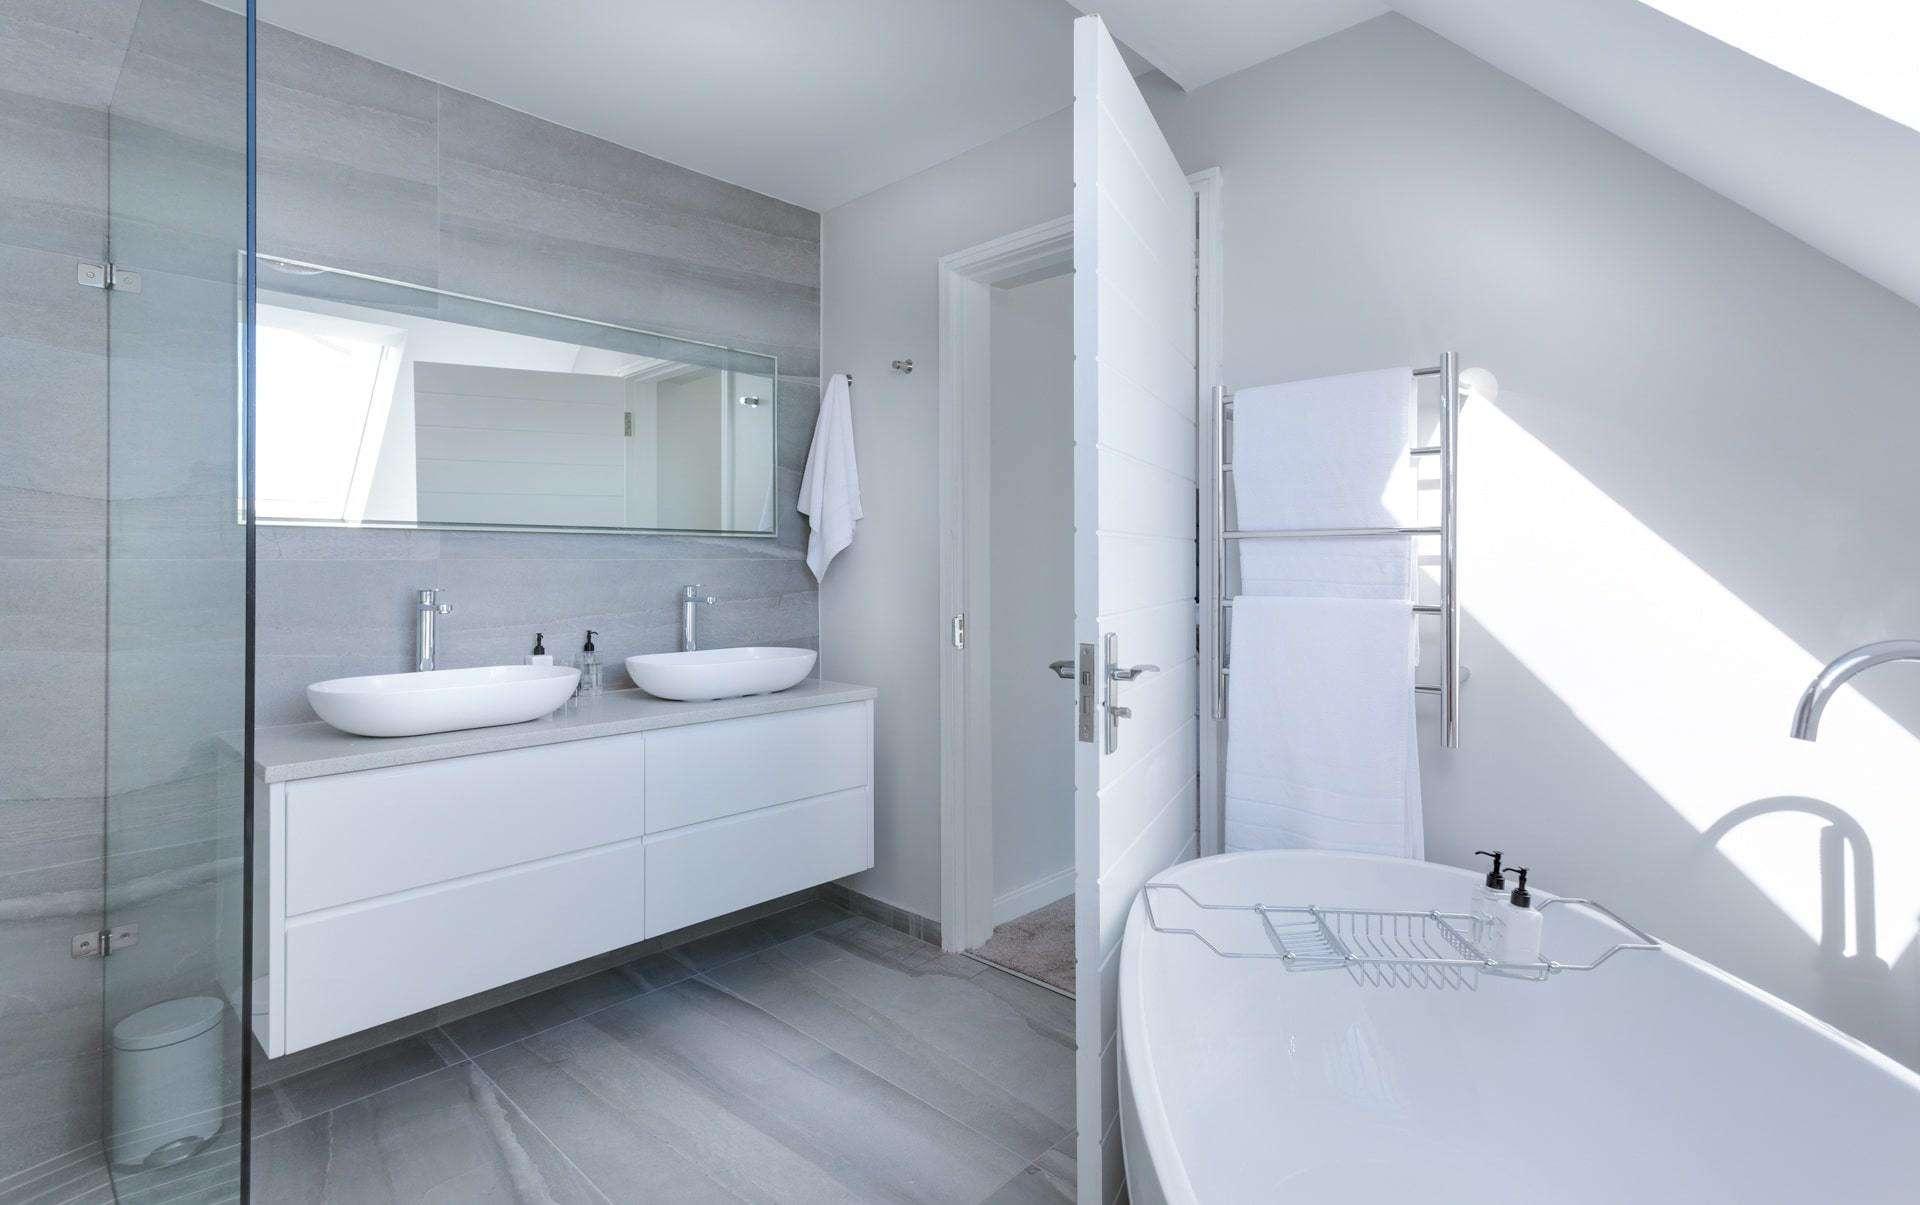 Guide salle de bain (15) : styles, idées, prix et devis